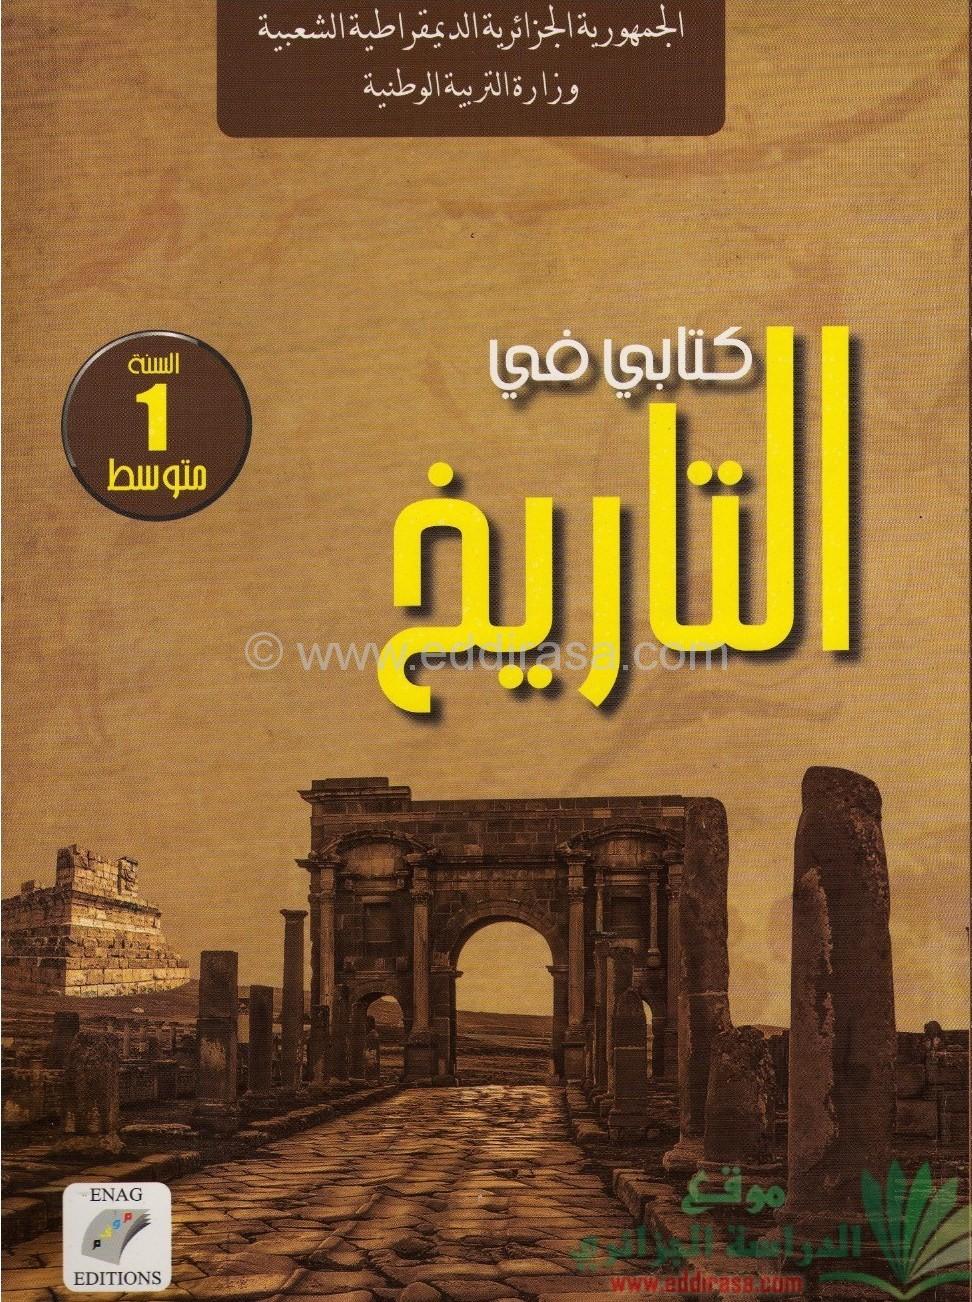 تحميل كتب تاريخية مجانية pdf